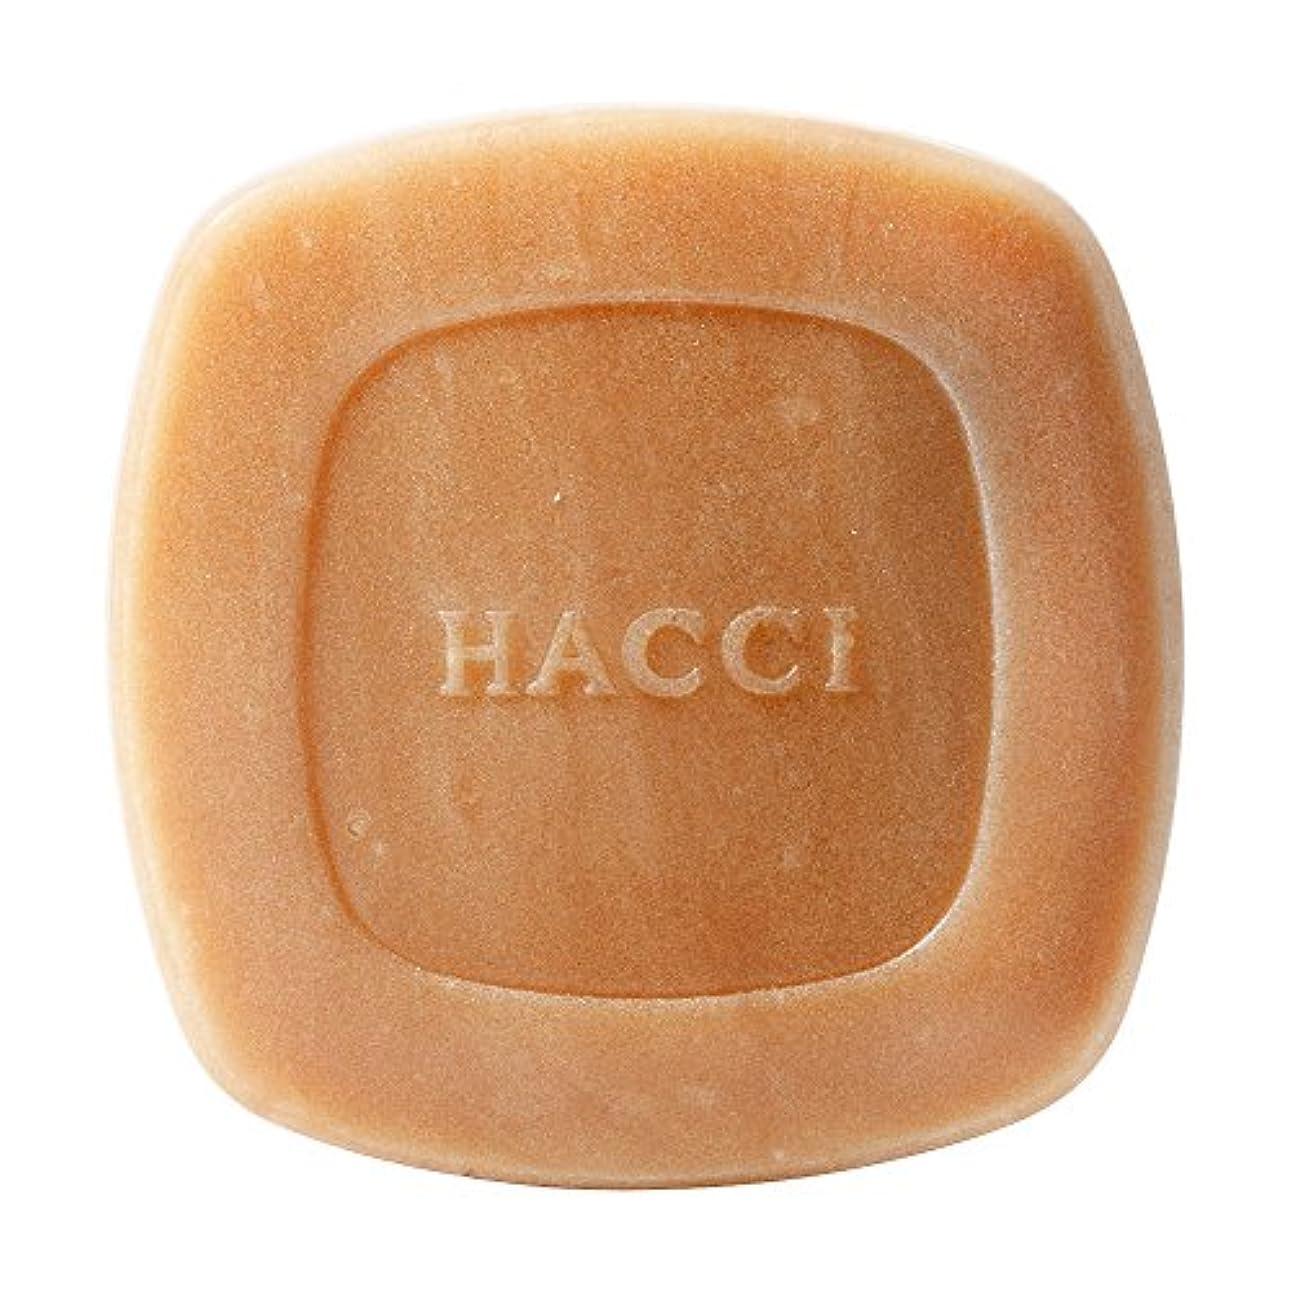 句オン蘇生するHACCI 1912(ハッチ1912) はちみつ洗顔石けん 80g